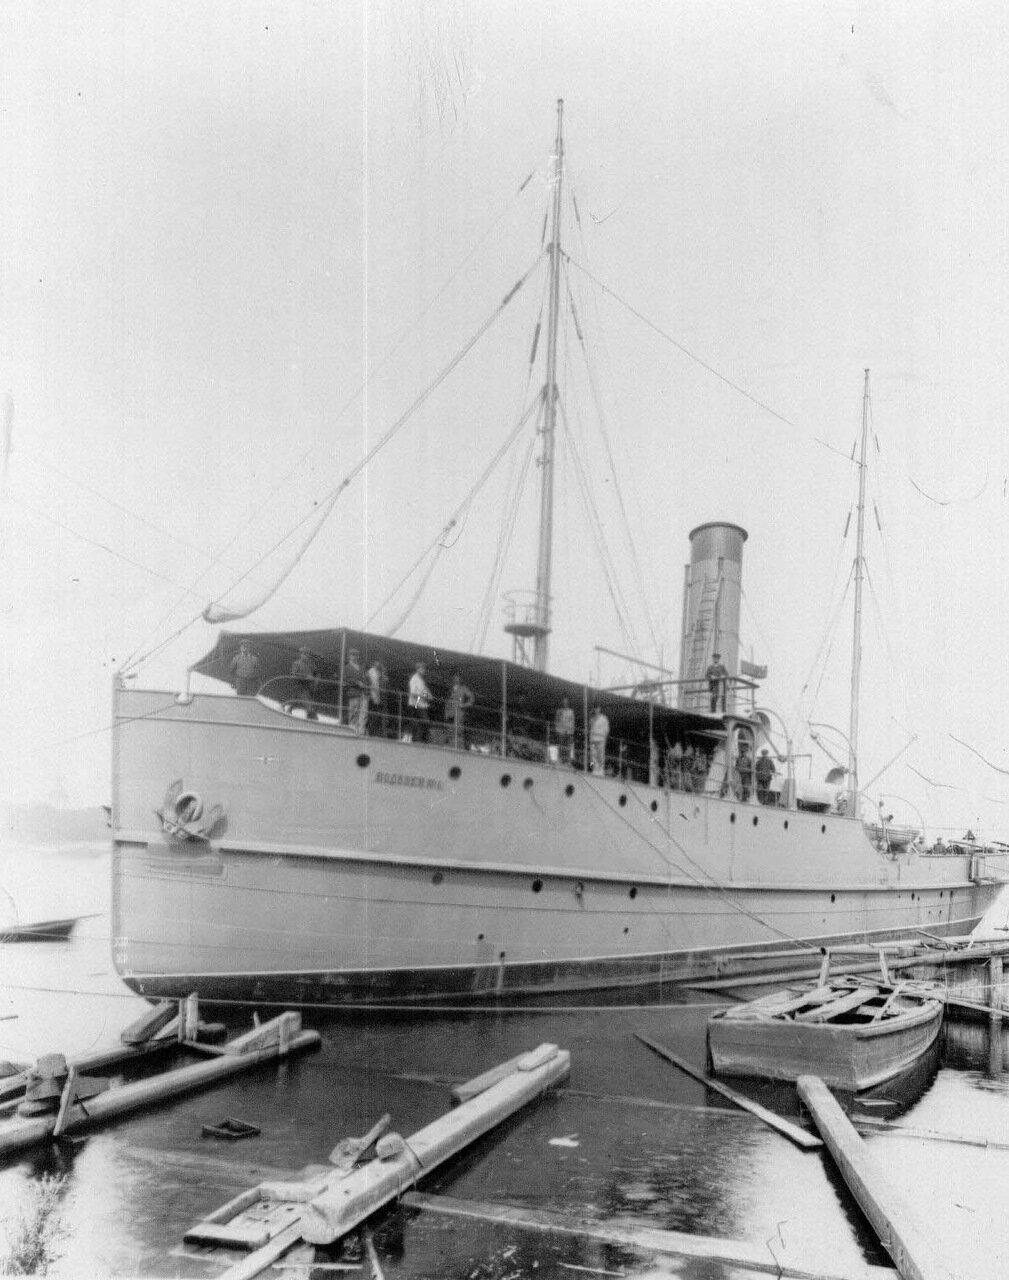 24. Пароход Водолей № 4, построенный на Охтенском судостроительном и механическом заводе. 1911